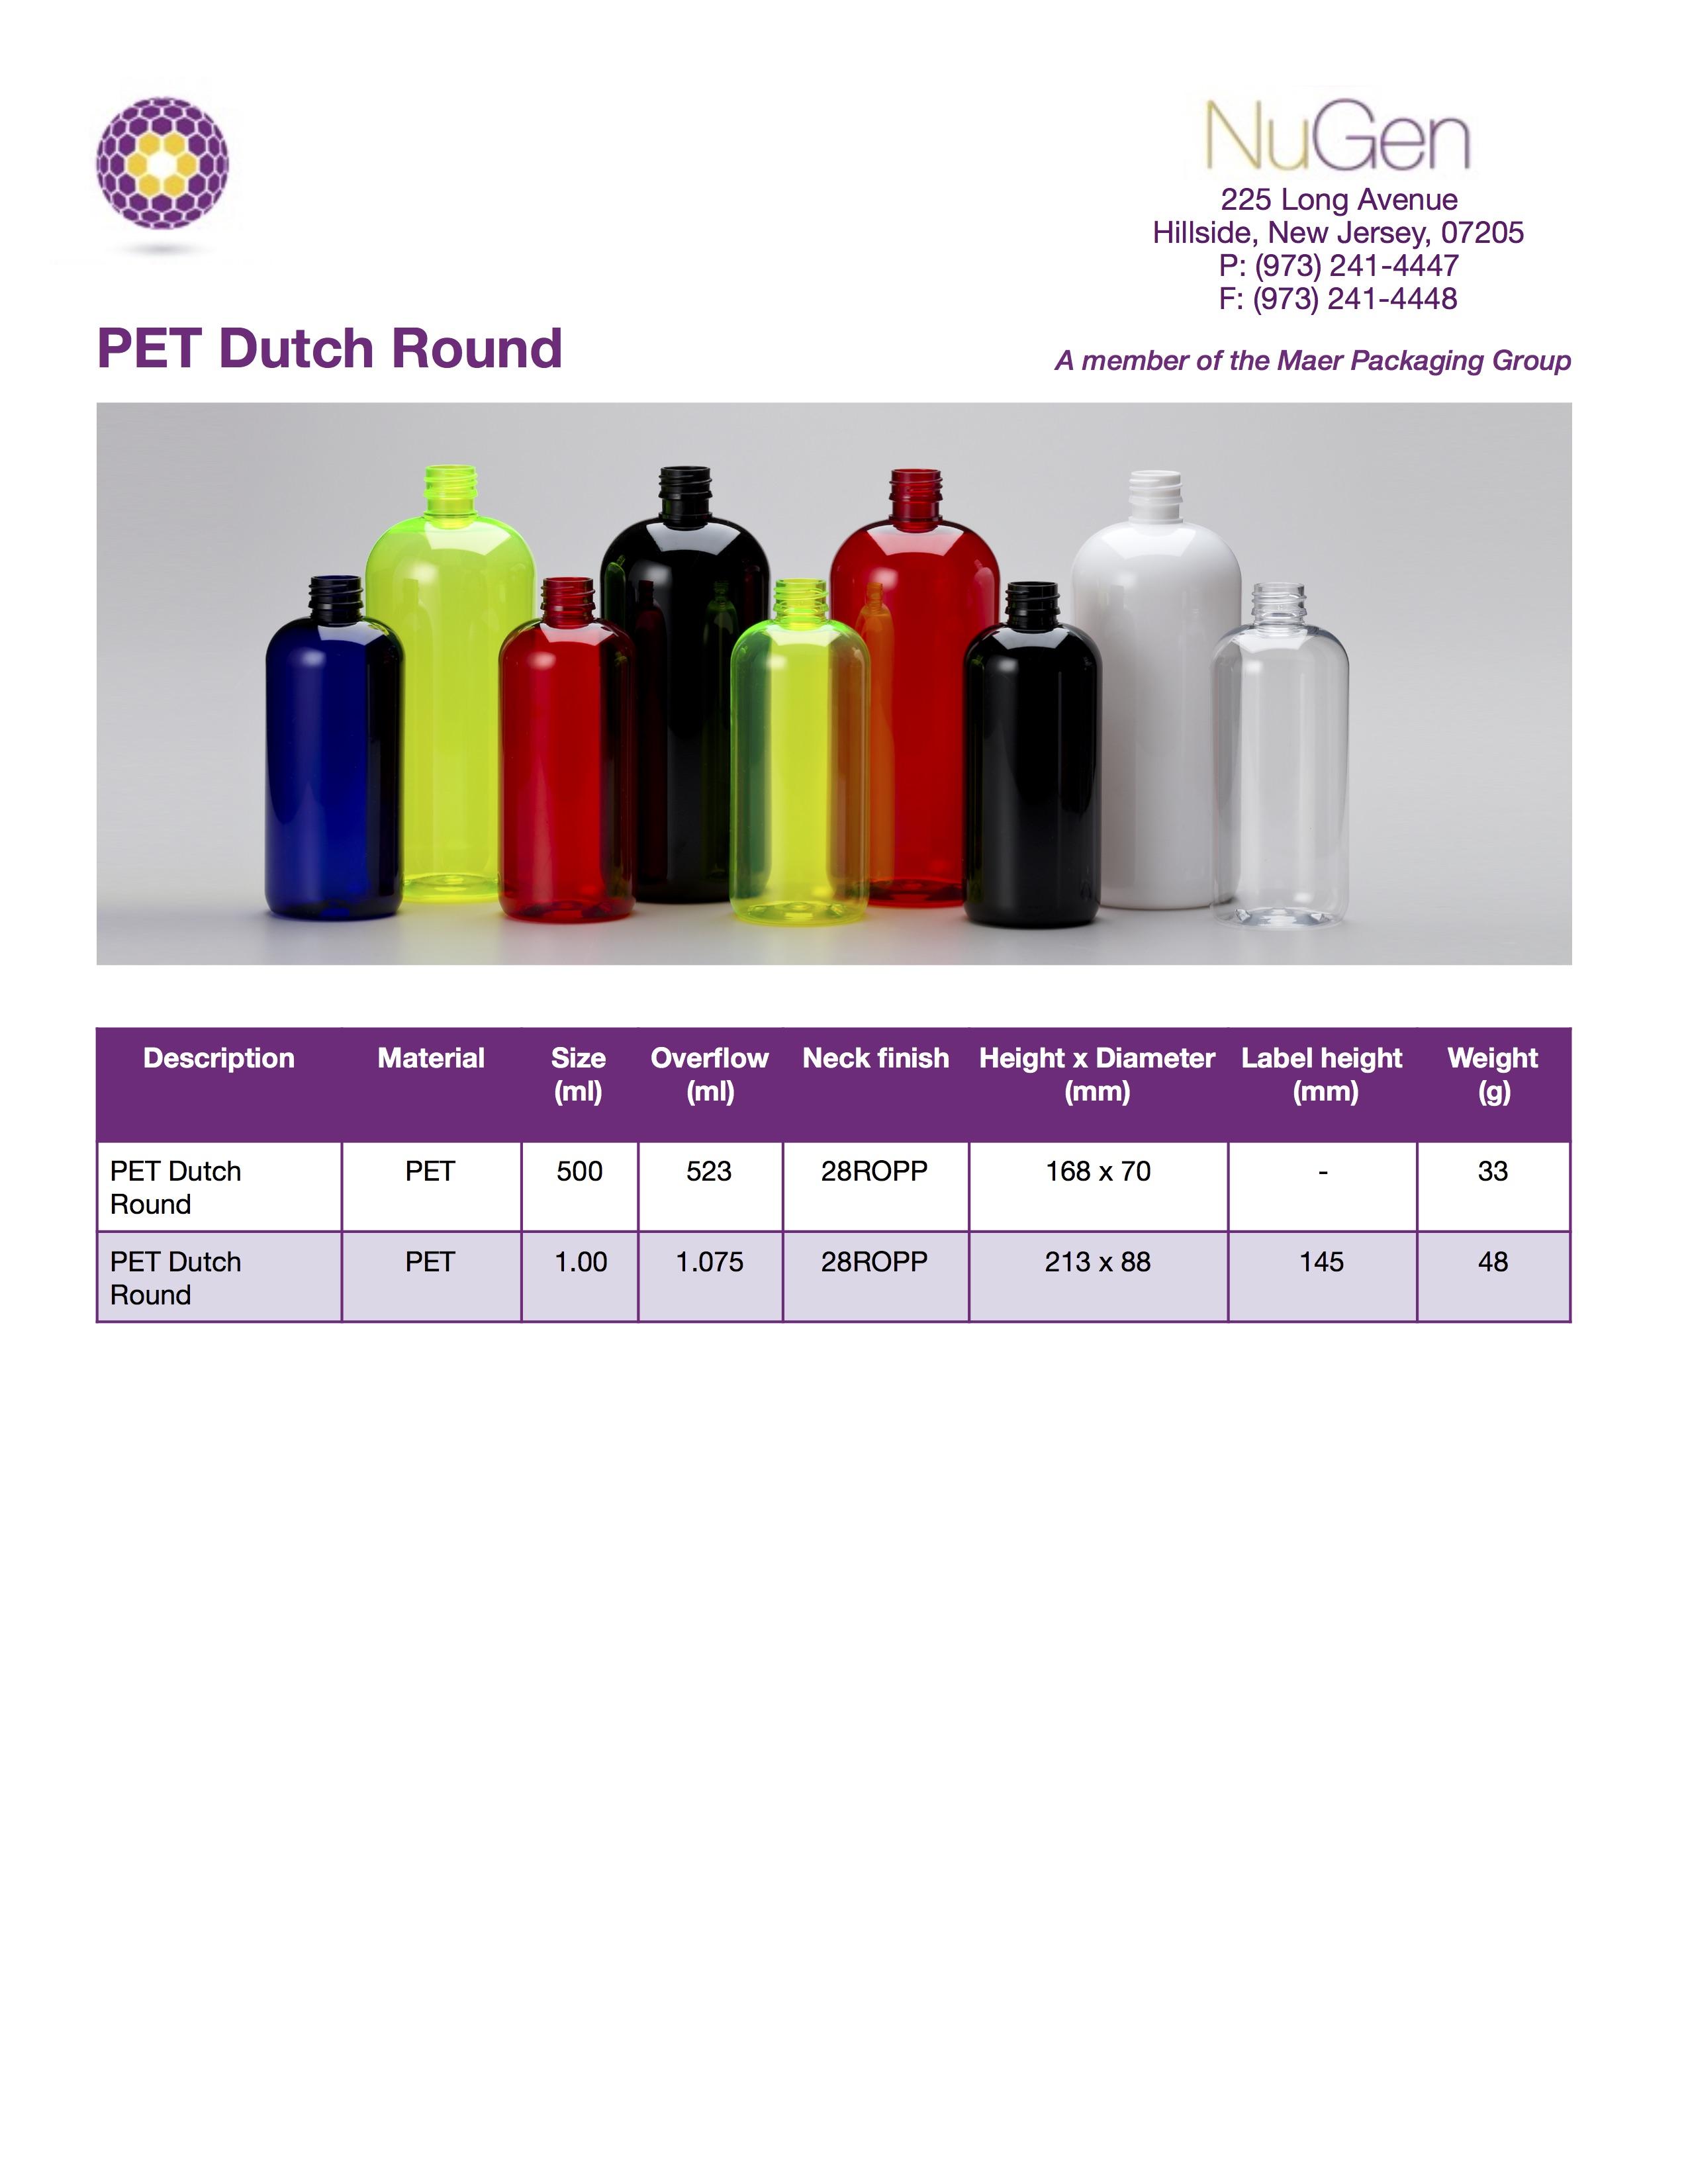 NUGEN_PET_Dutch_Round-12-2-2015